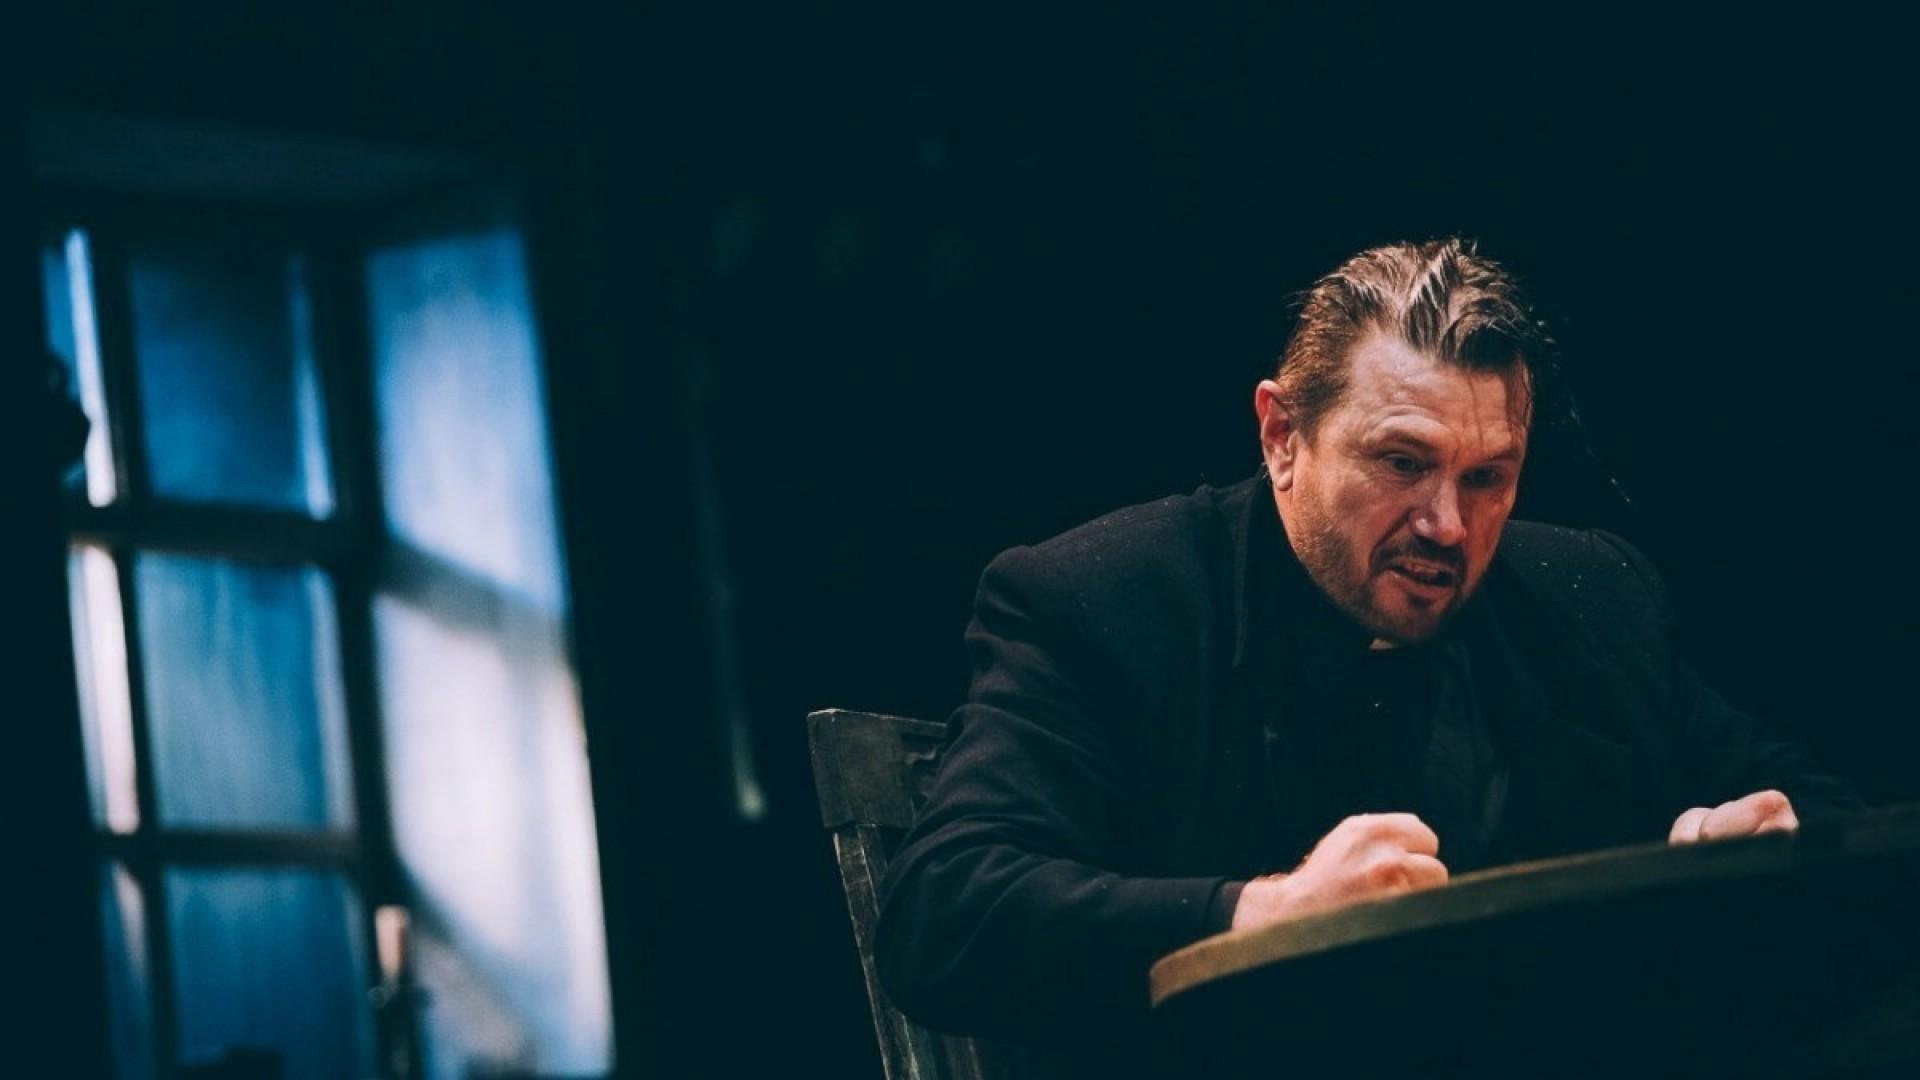 Василий Байтенгер: «Каждому артисту нужно быть немного режиссёром»